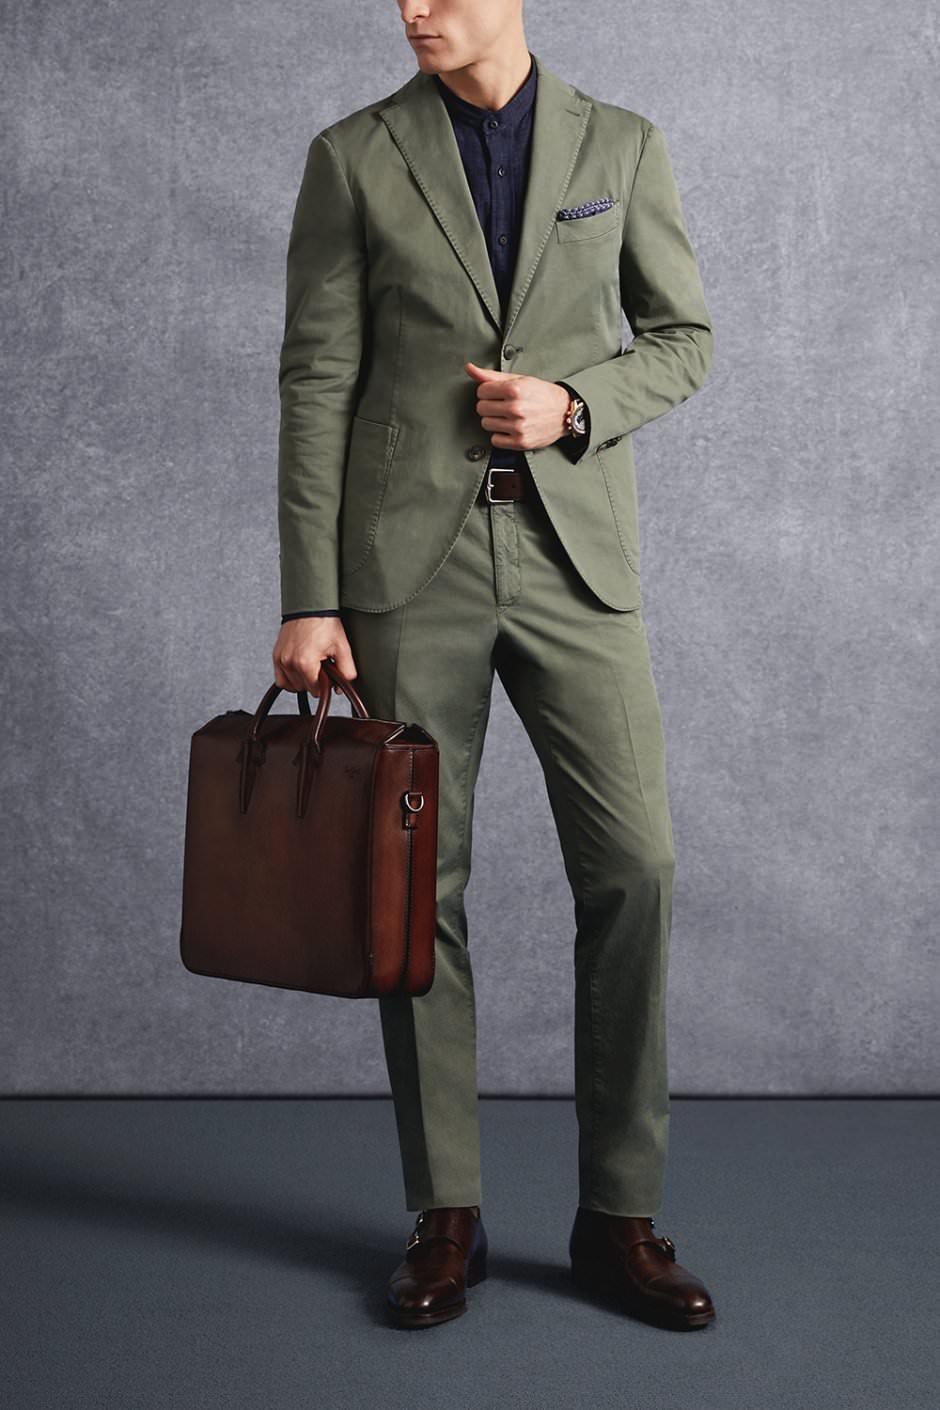 мужские наручные часы для бизнес-встречи